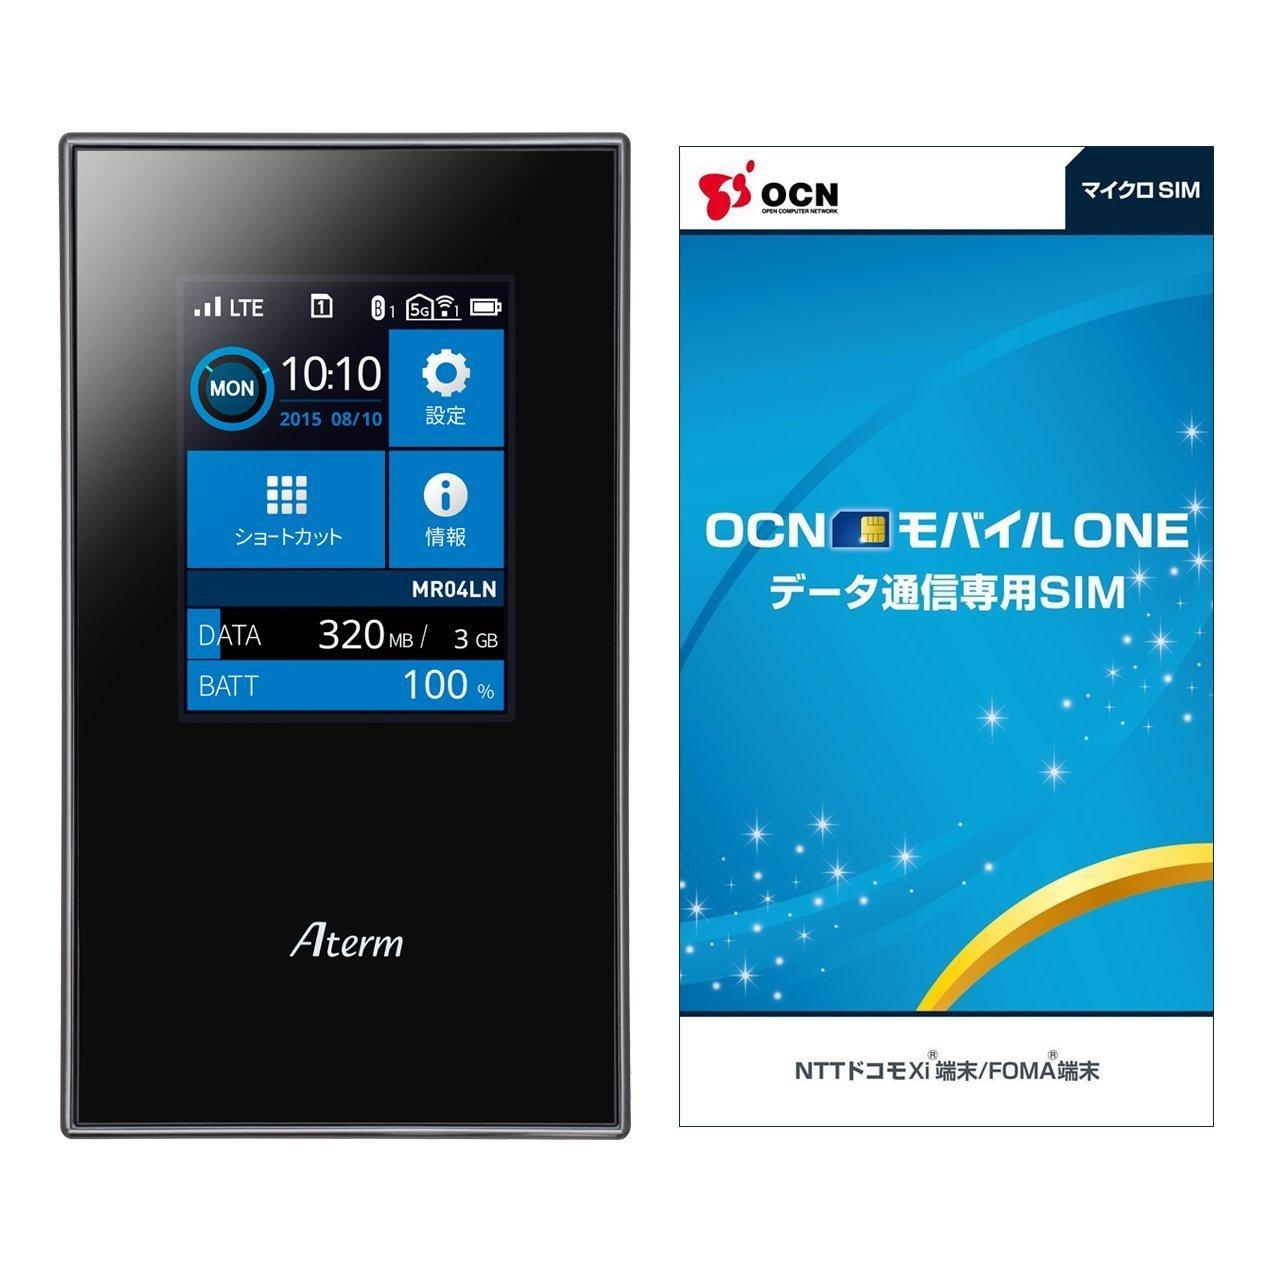 NECのSIMフリーモバイルルーター「Aterm MR04LN(クレードルなし)」がAmazon特選品で15,900円に